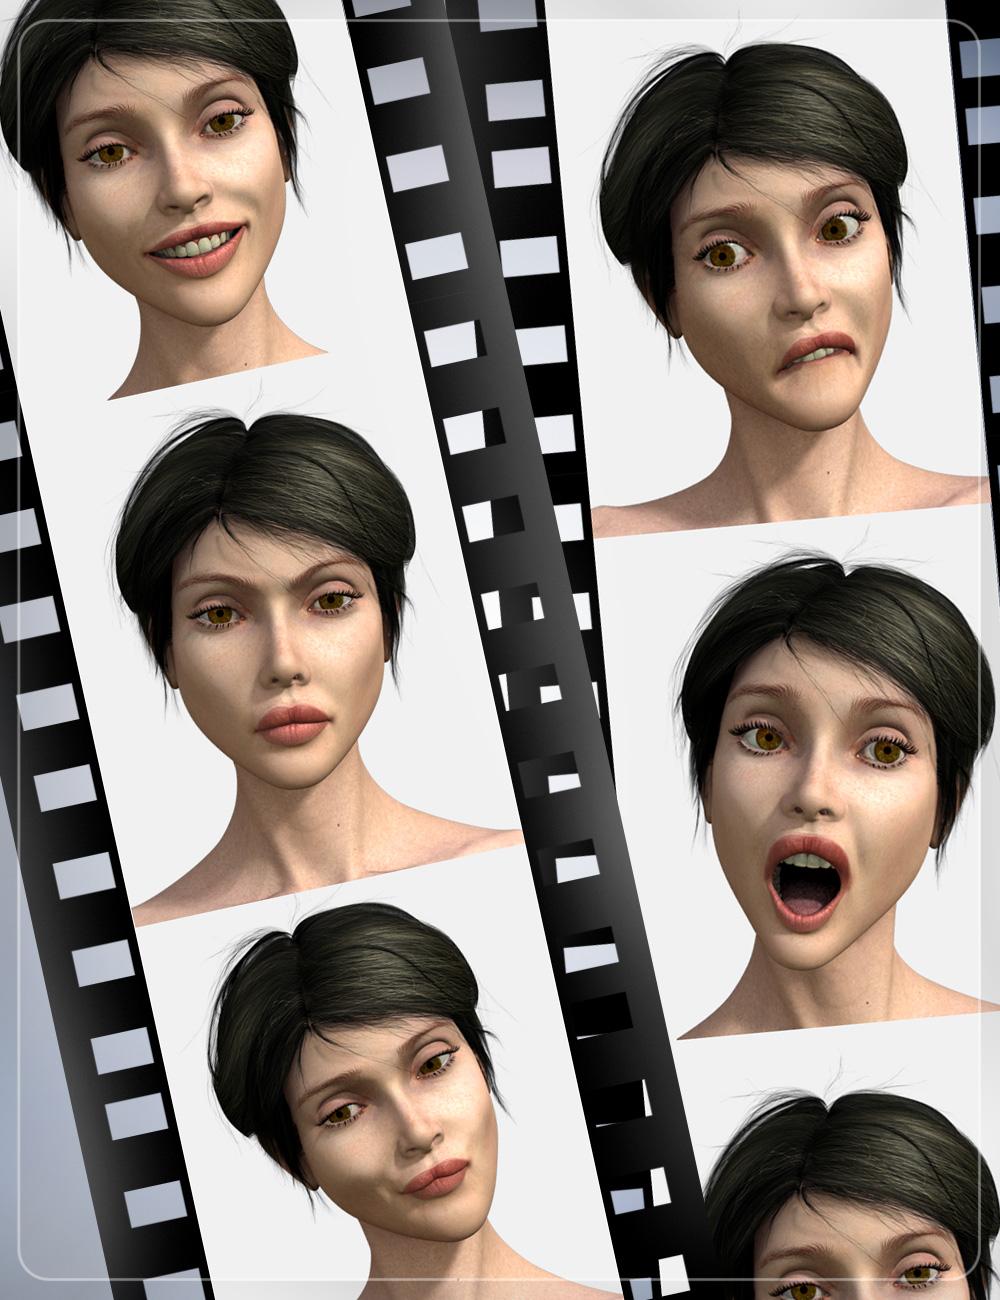 220 Emotions for Genesis by: smayAlFan, 3D Models by Daz 3D